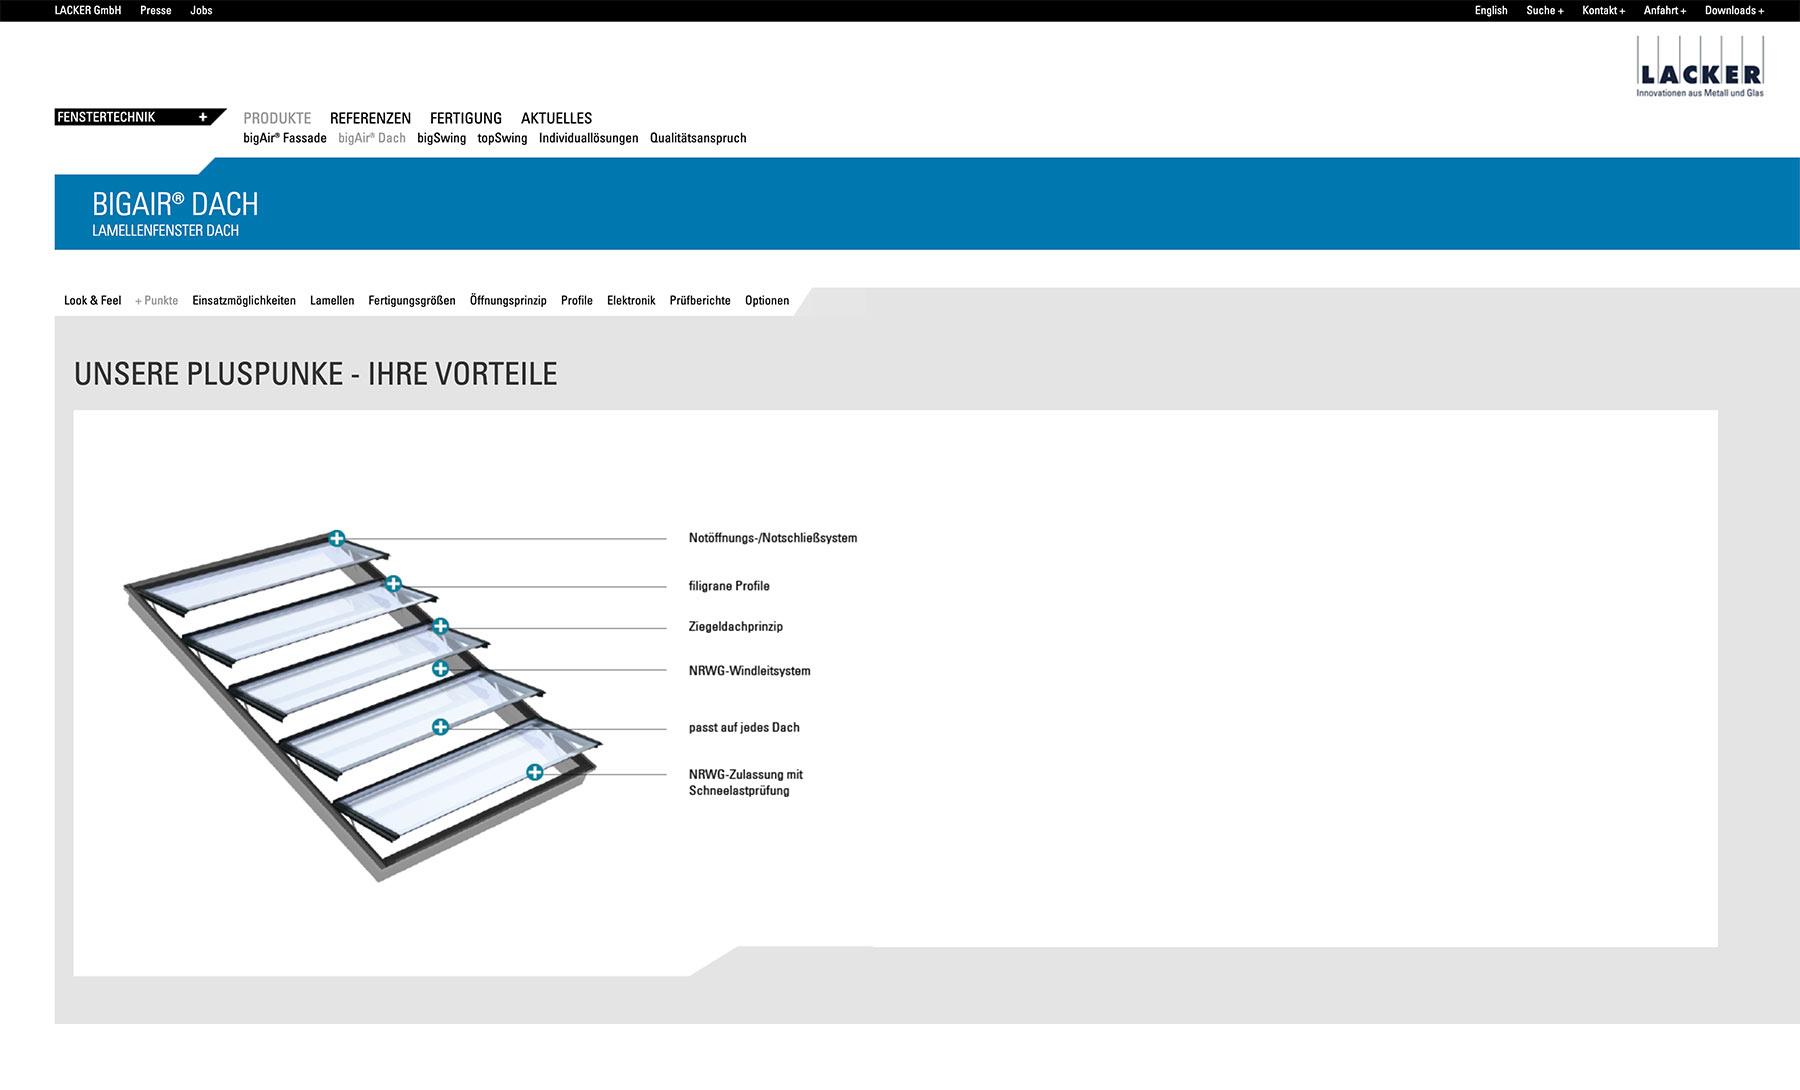 Lacker Webdesign auf Typo3 Basis Detailansicht BigAir